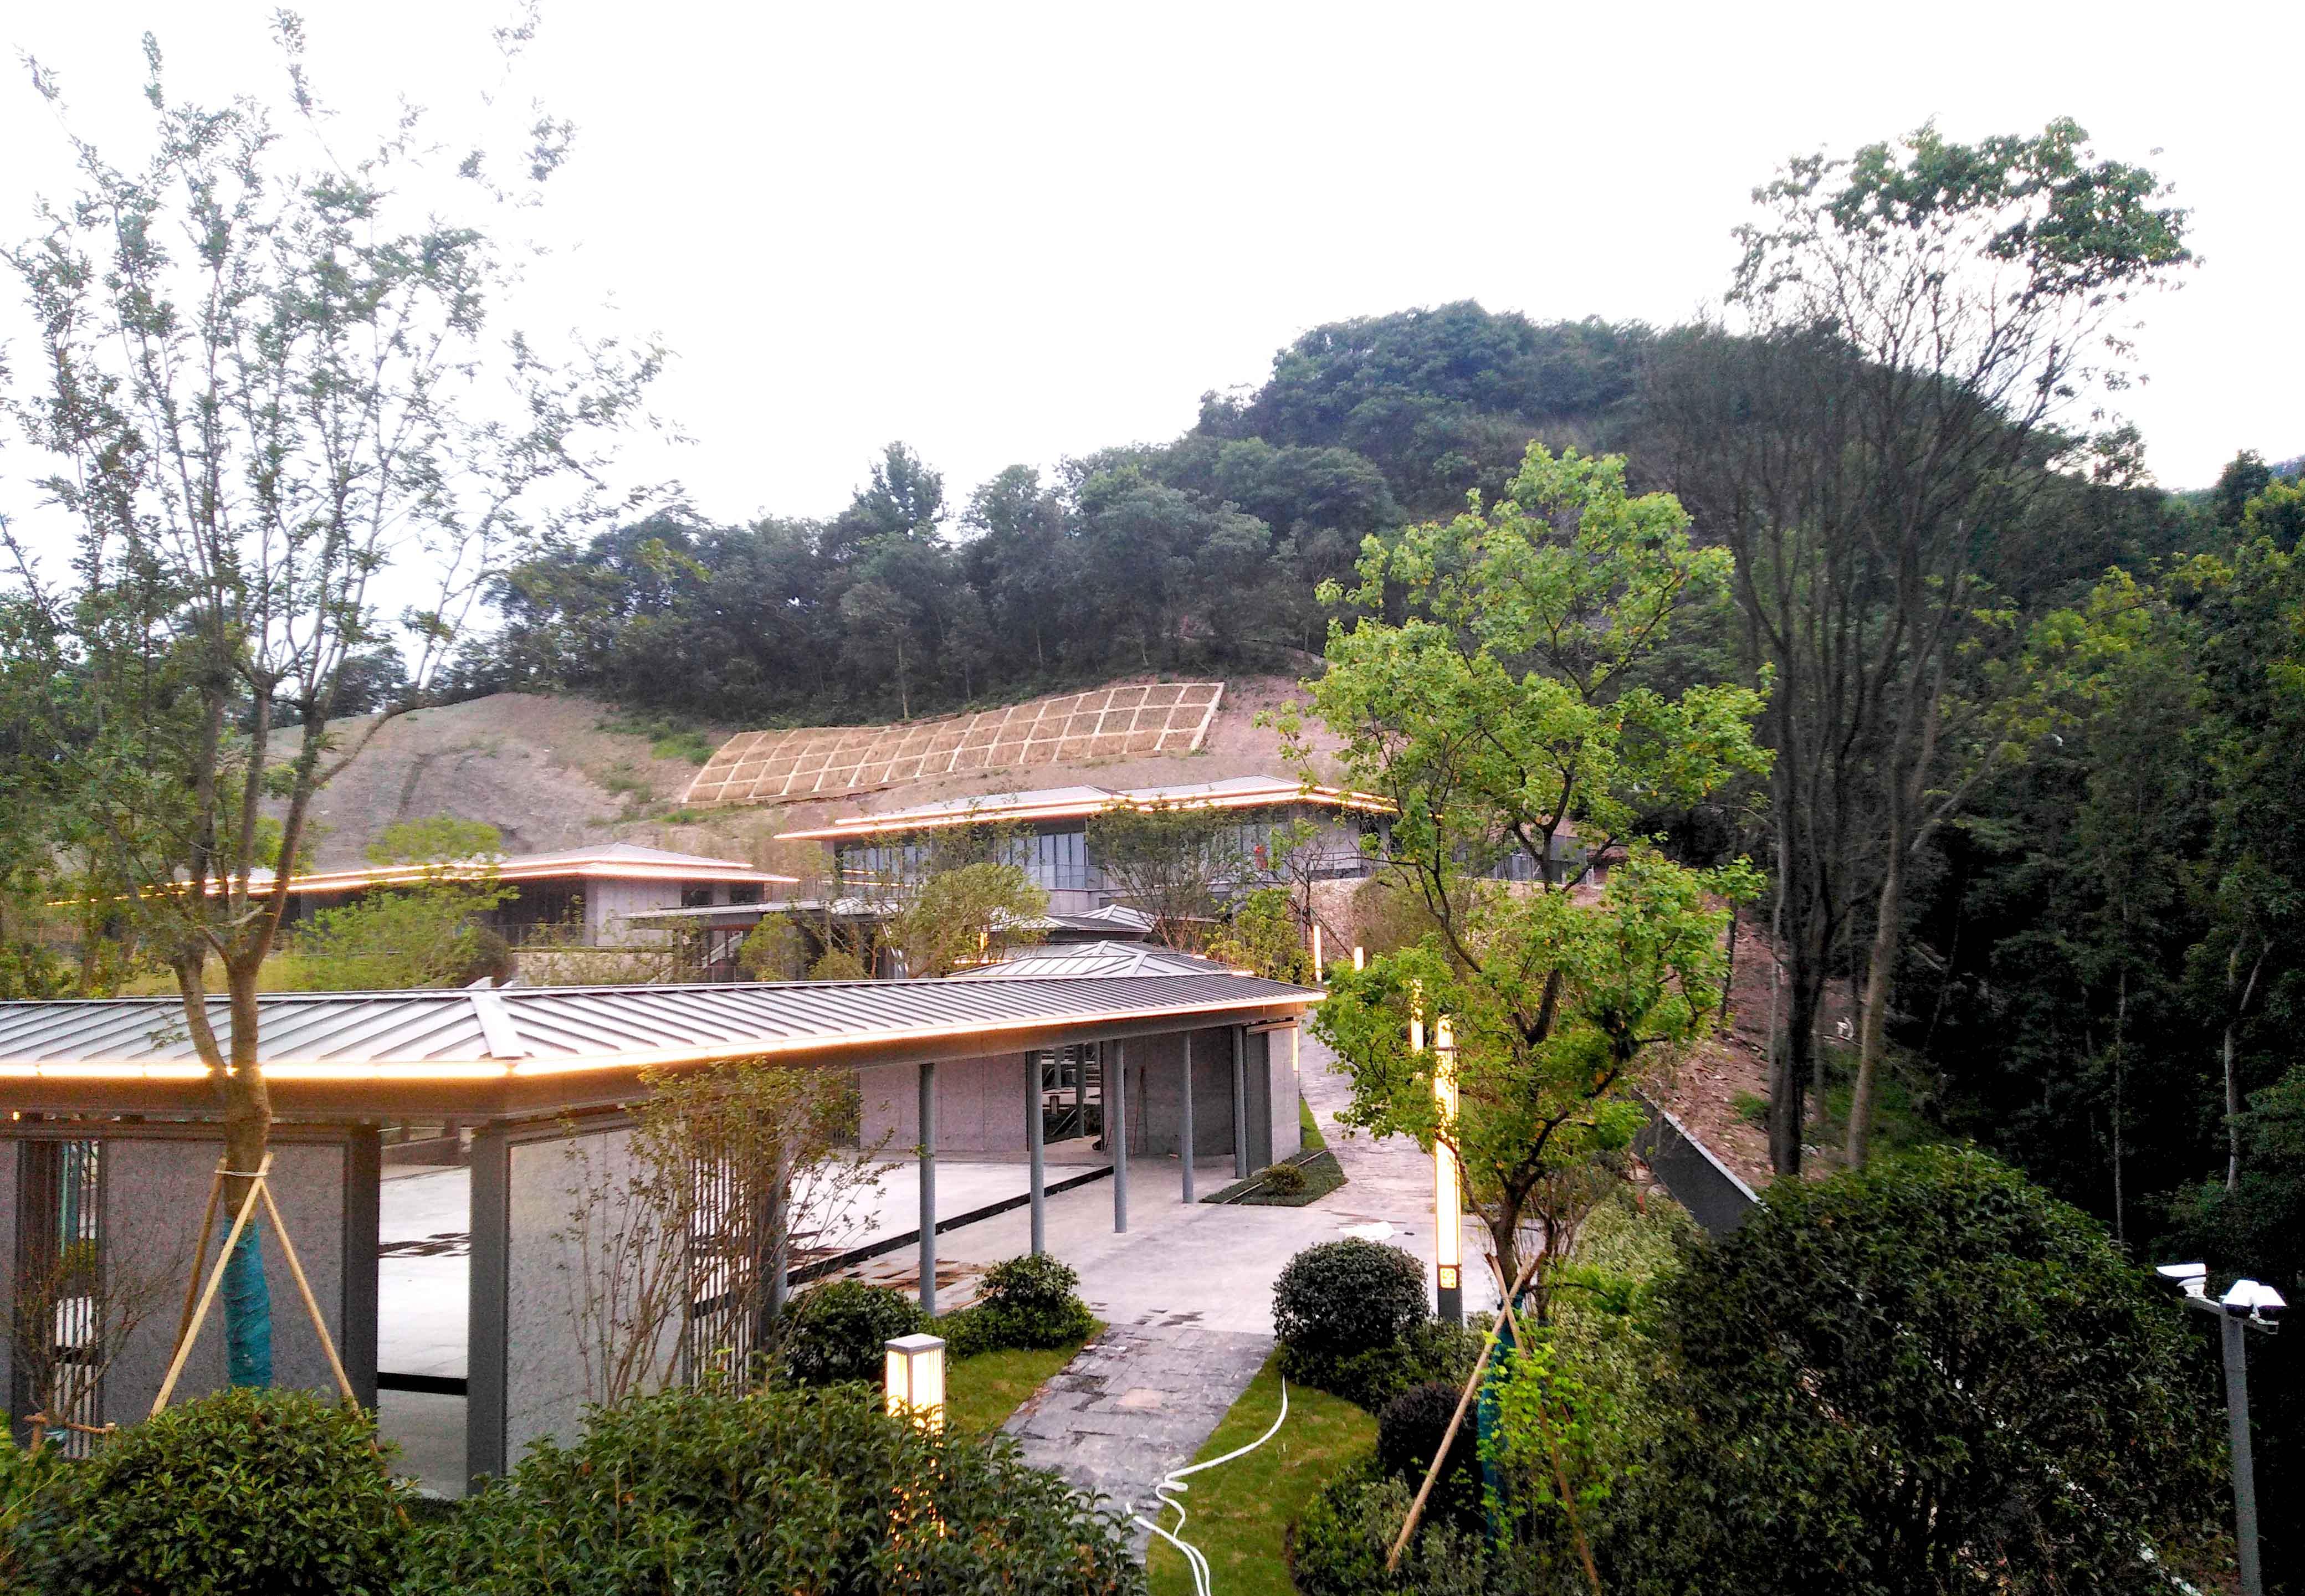 【京邦·智能广播设备】奉化区长岭村民宿智能化项目,梦幻般的邂逅